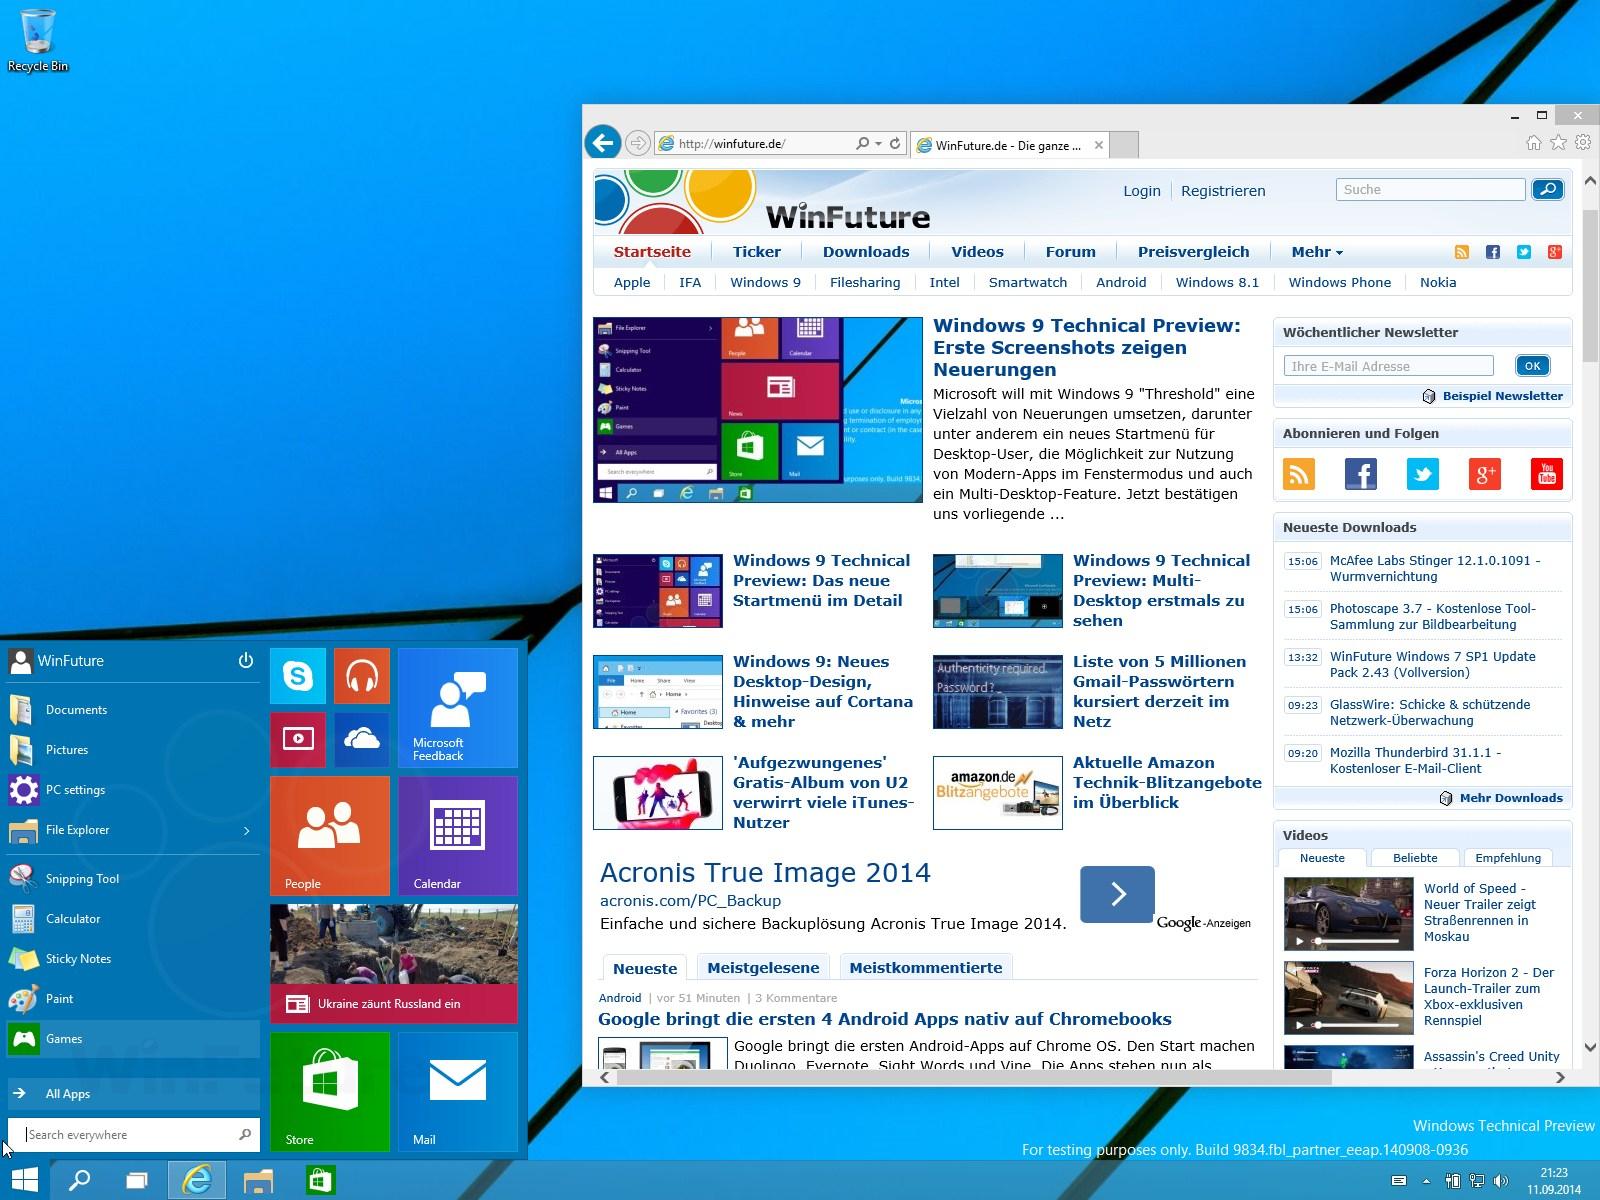 Windows 10: RTM wird Anpassung der Startmenü-Größe unterstützen